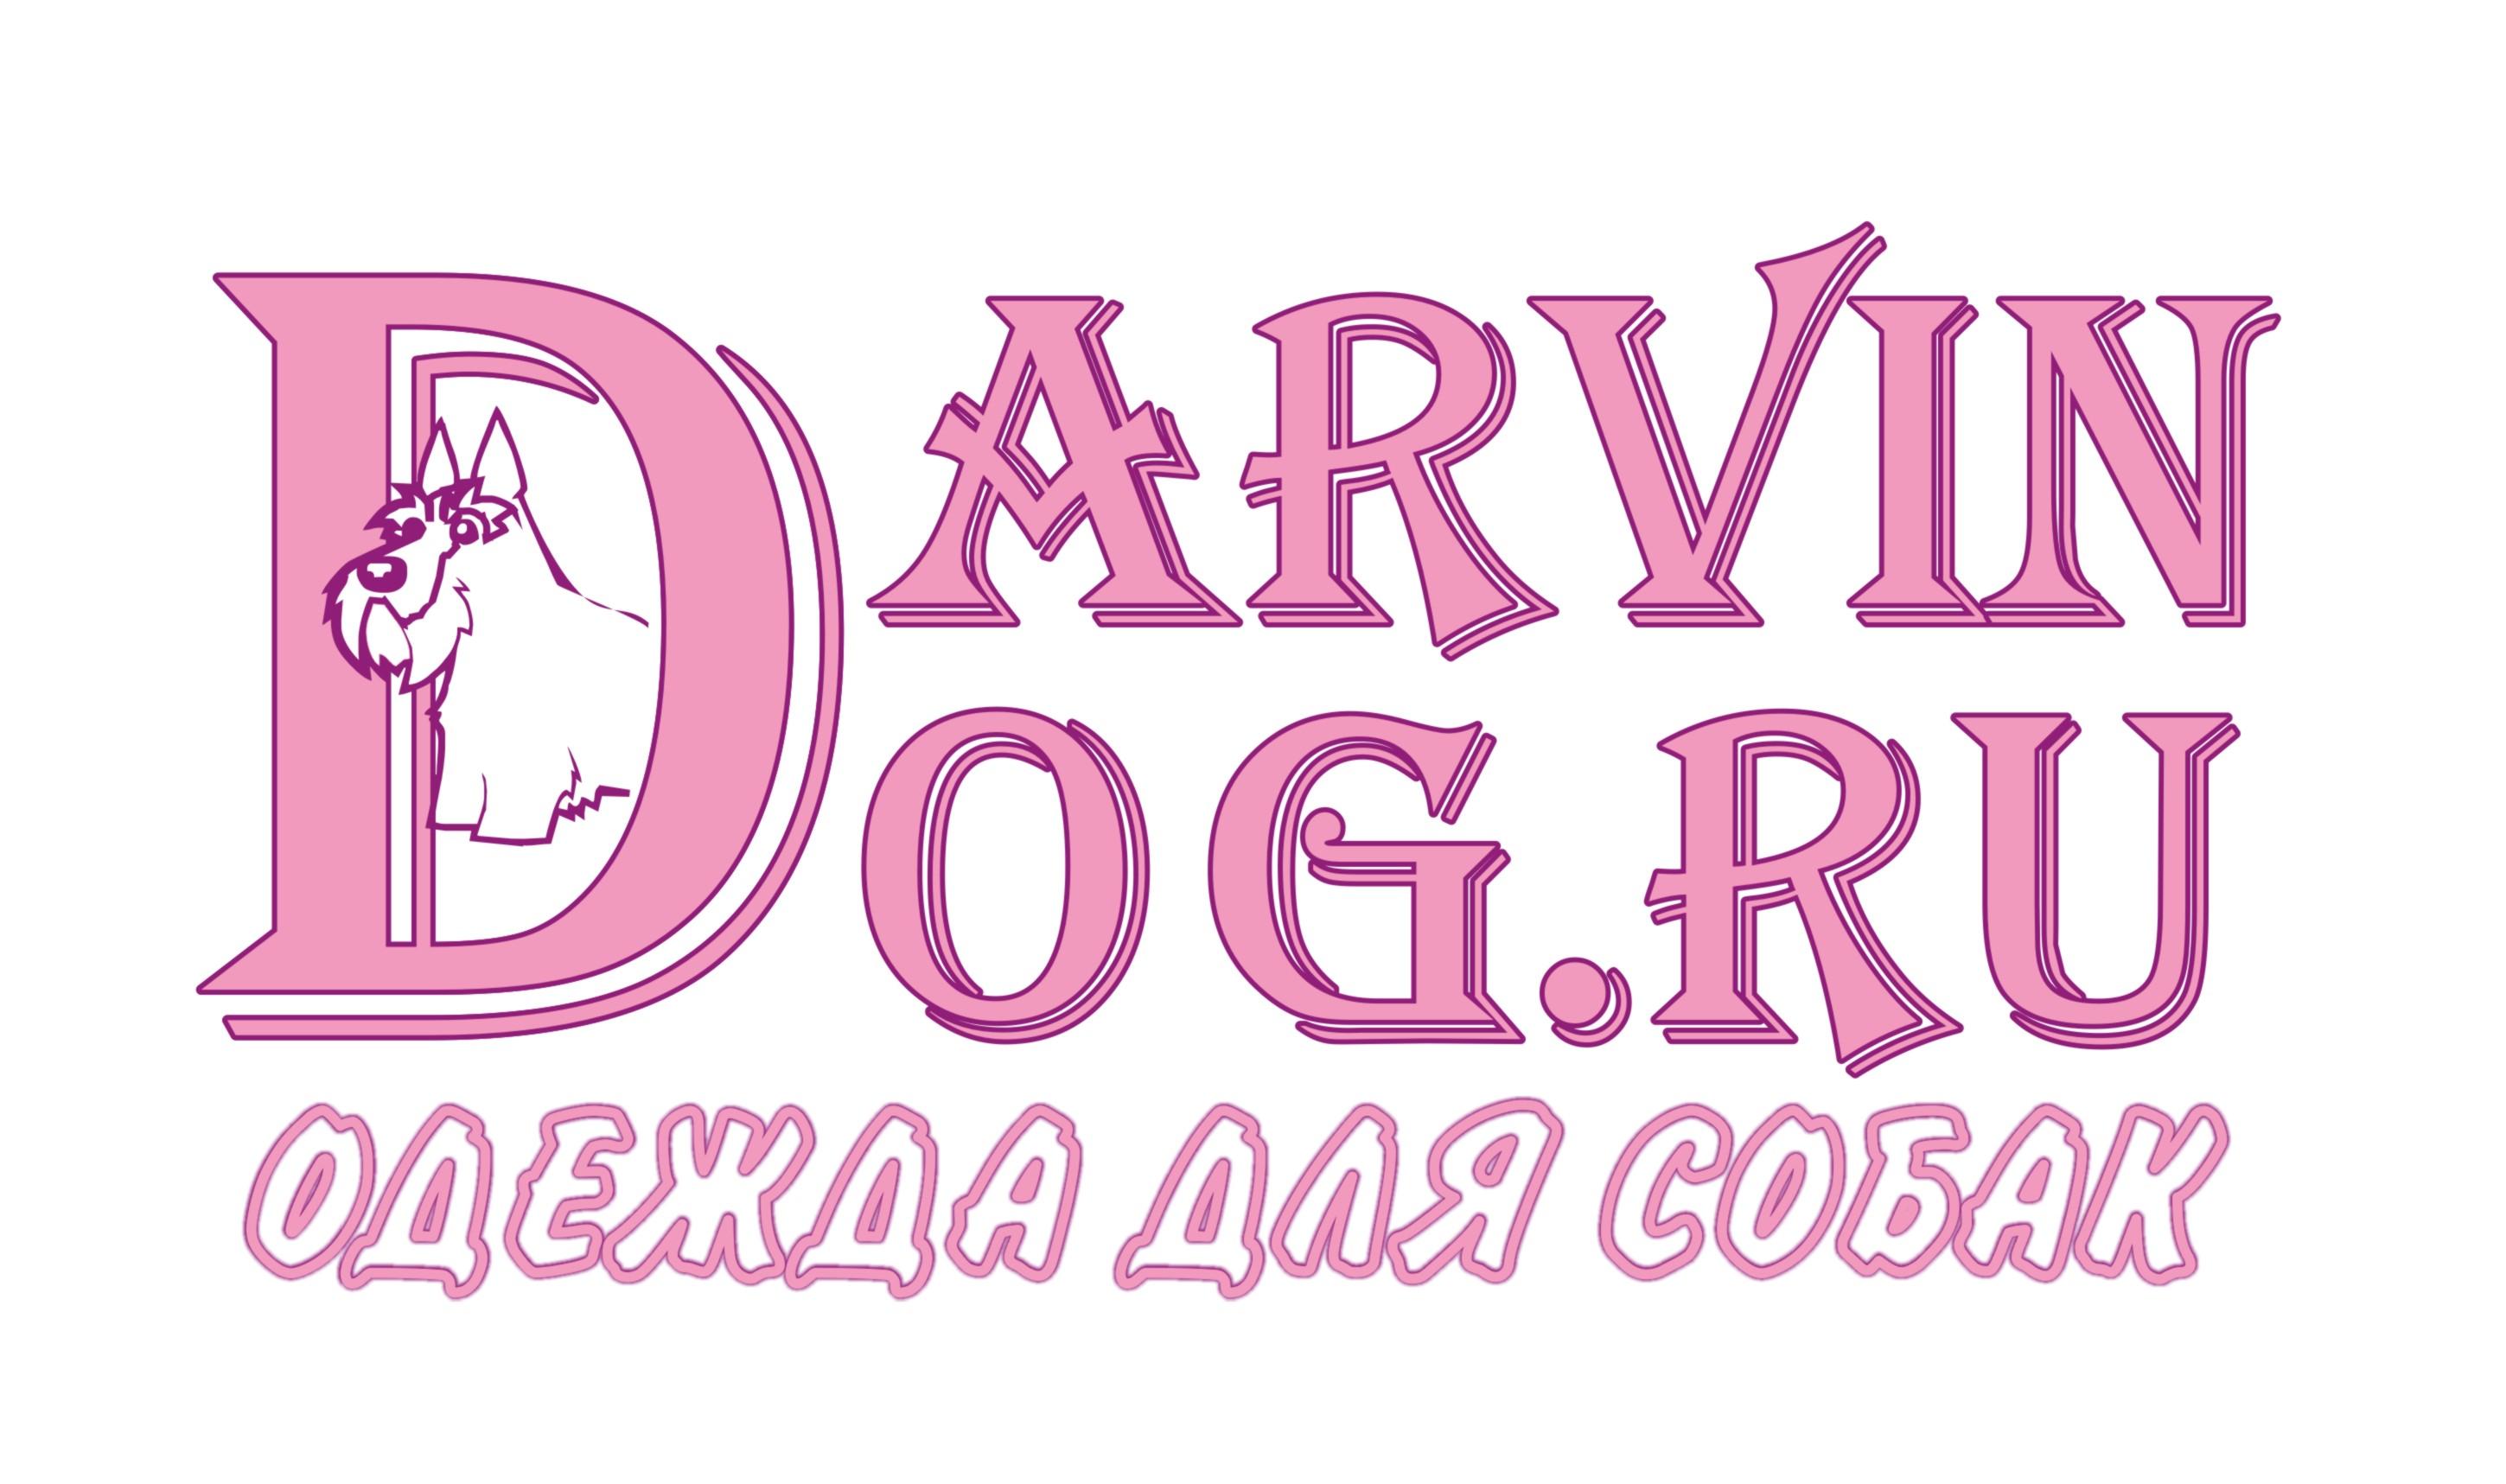 Создать логотип для интернет магазина одежды для собак фото f_166564b2723bb8e4.jpg